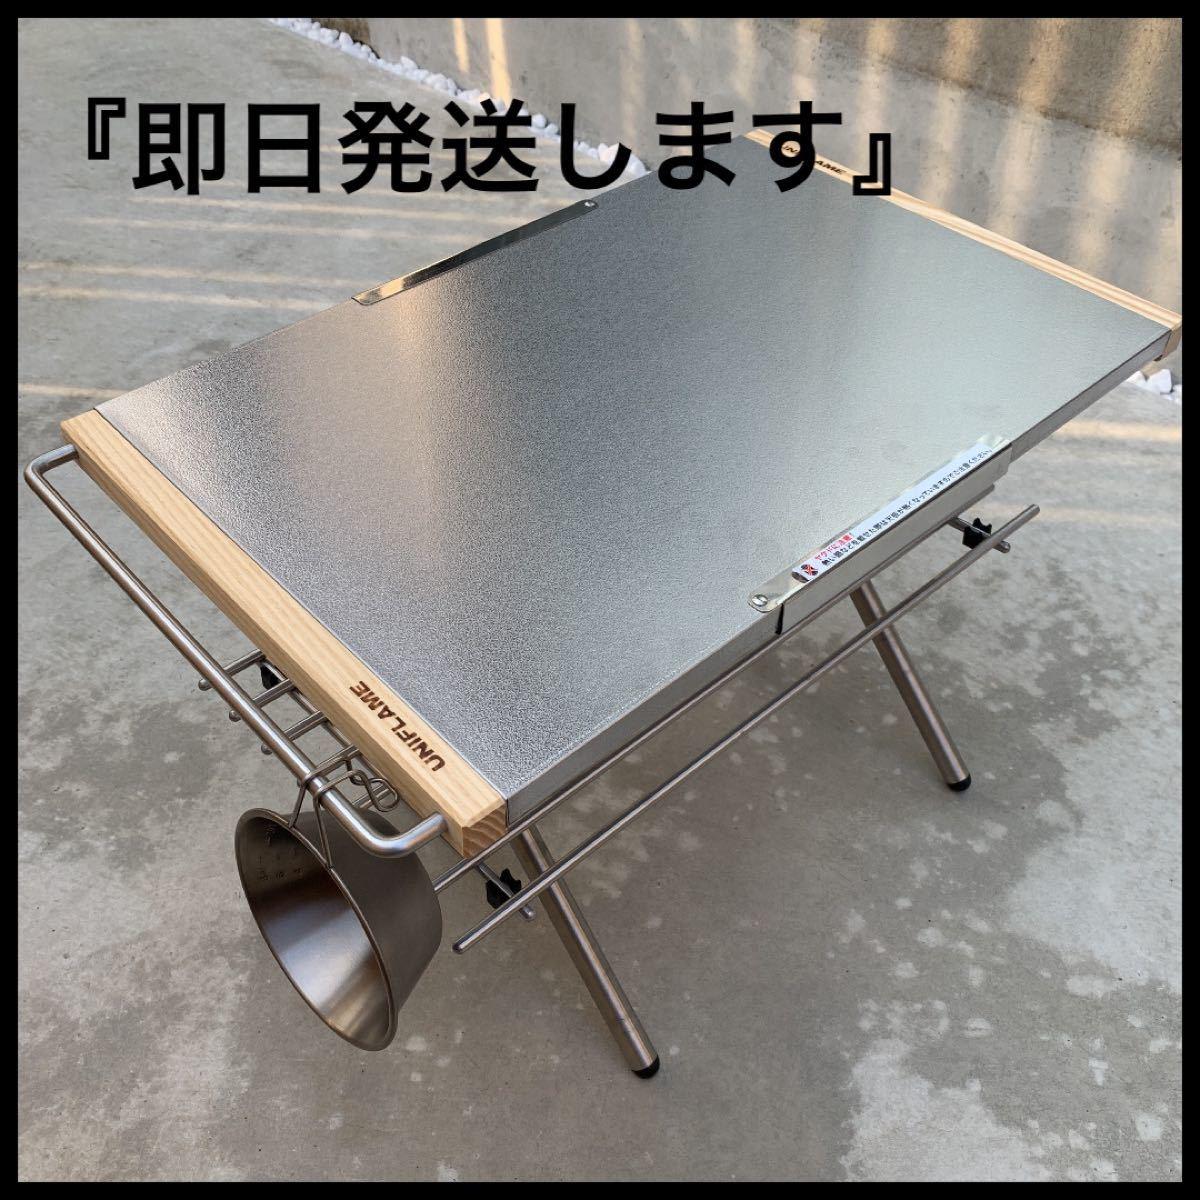 バンド付【新品】ユニフレーム 焚き火テーブル用ステンレスラック&小物用ラック3段